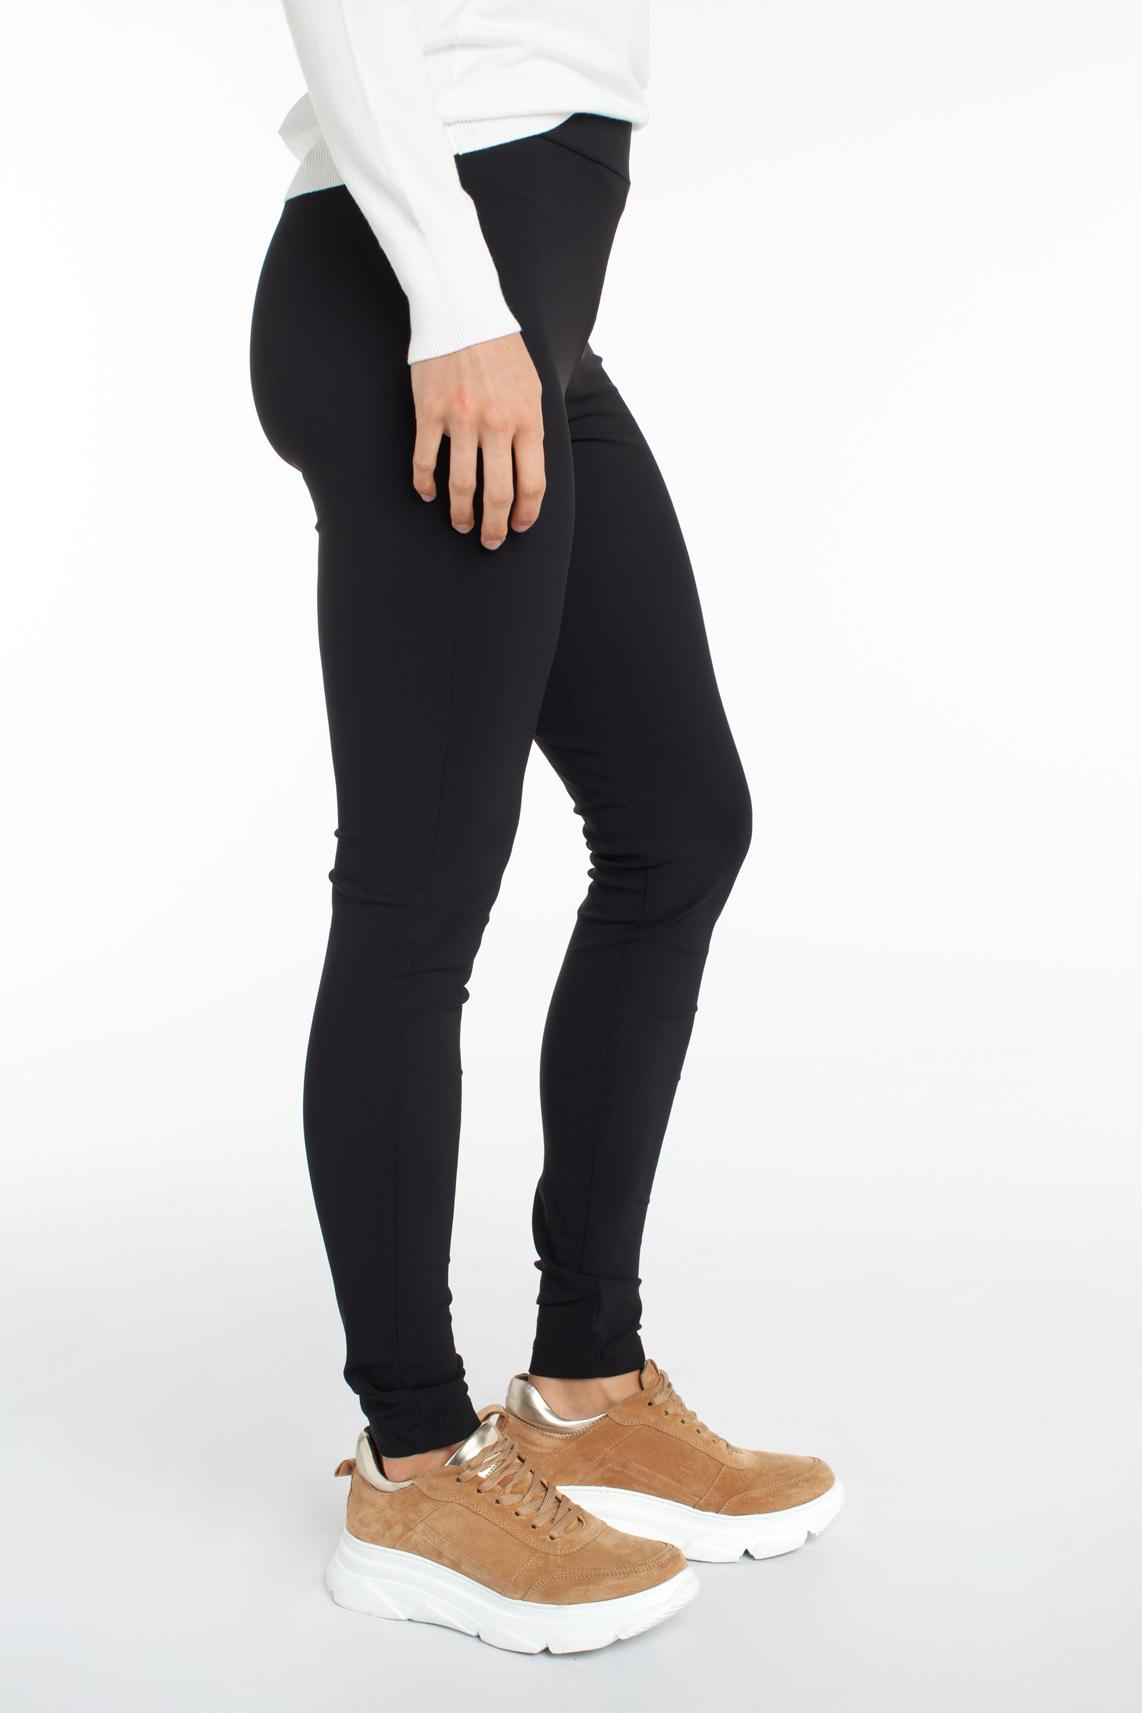 Jane Lushka Dames Legging zwart